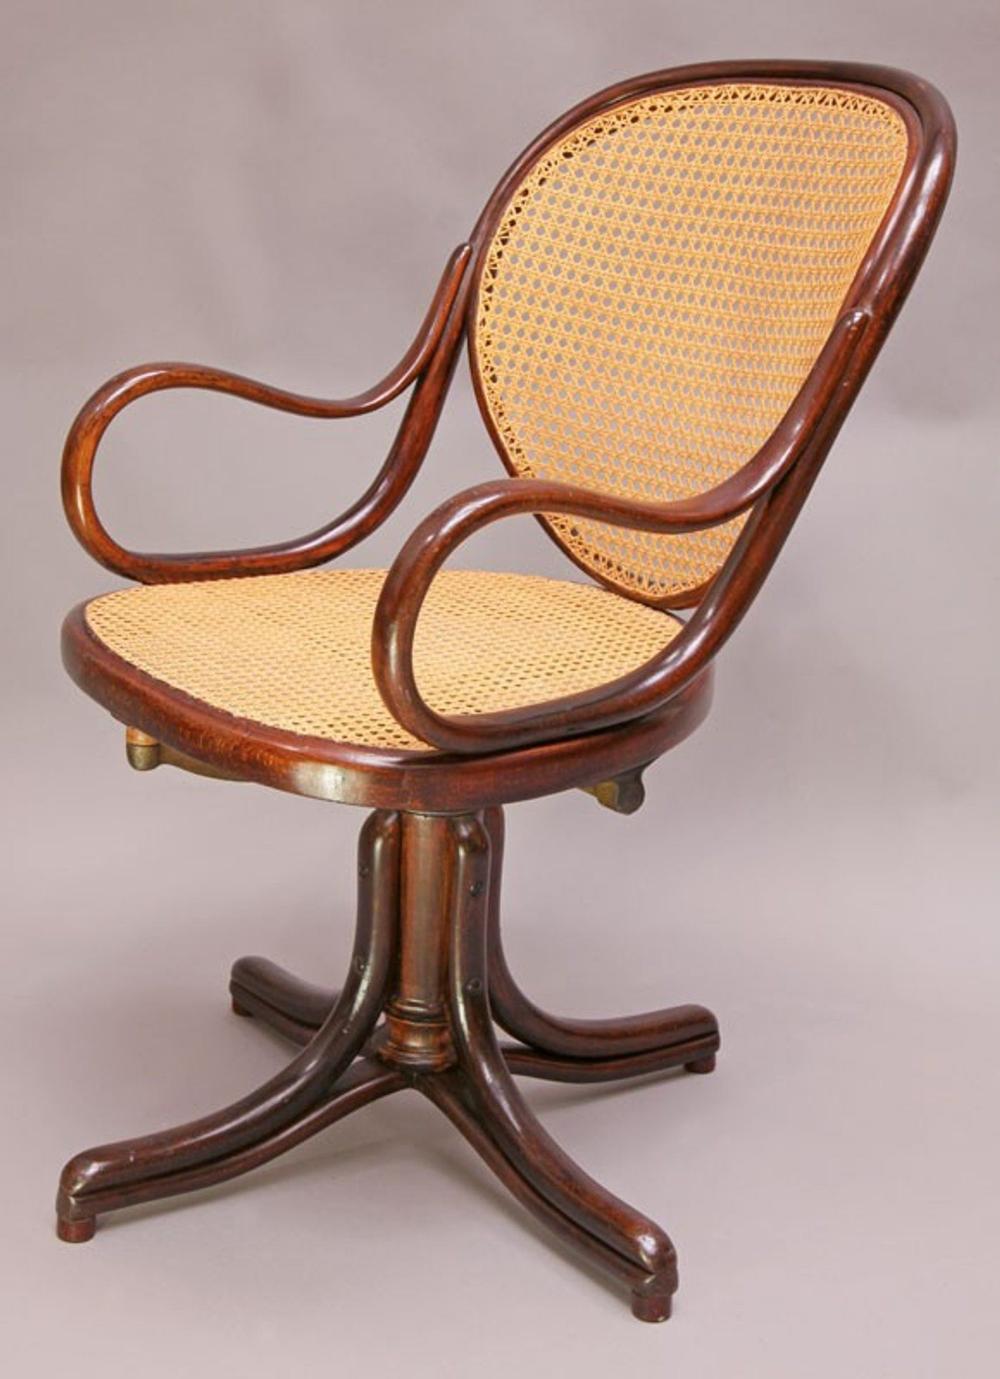 Thonet Stuhl Nr 14 Thonet Grosser Dreh Fauteuil Nr 1 Thonet Chair Design Einzigartig Muebles De Estilo Silla Thonet Mecedoras De Madera